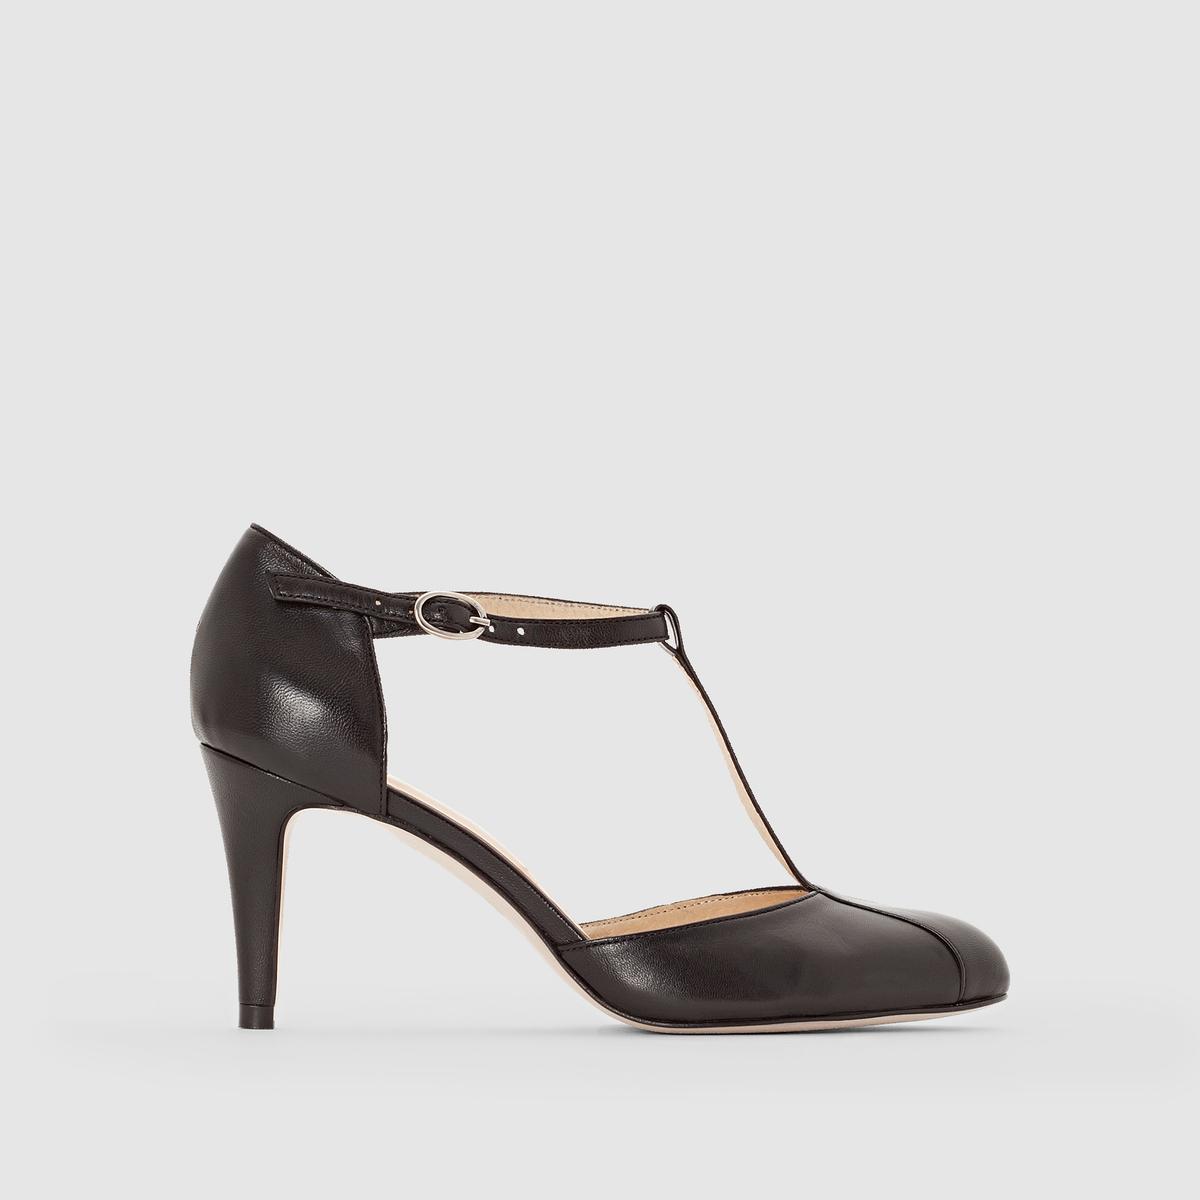 Туфли кожаные на каблуке, с пряжкой,  ALIBISПодкладка: кожа.    Стелька: кожа.       Подошва: эластомер.       Форма каблука: шпилька.Мысок: острый.Застежка: Ремешок/пряжка.<br><br>Цвет: черный